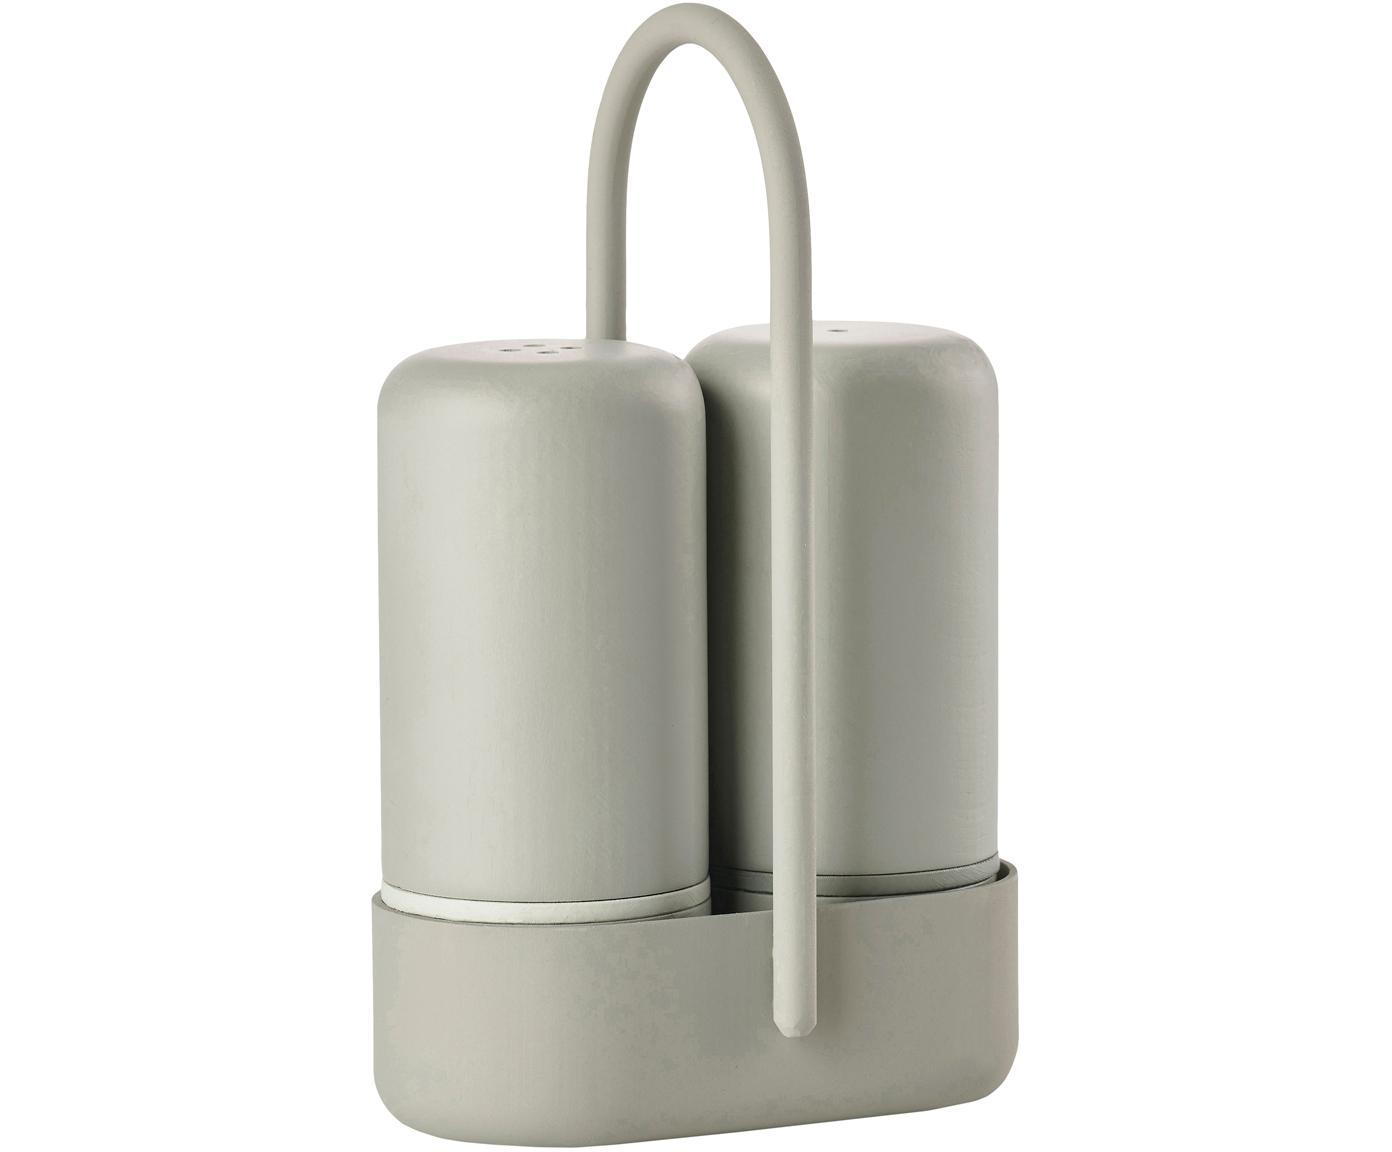 Solniczka i pieprzniczka z uchwytem Henk, 3 elem., Tworzywo sztuczne (ABS), metal, Greige, S 7 x G 3 cm